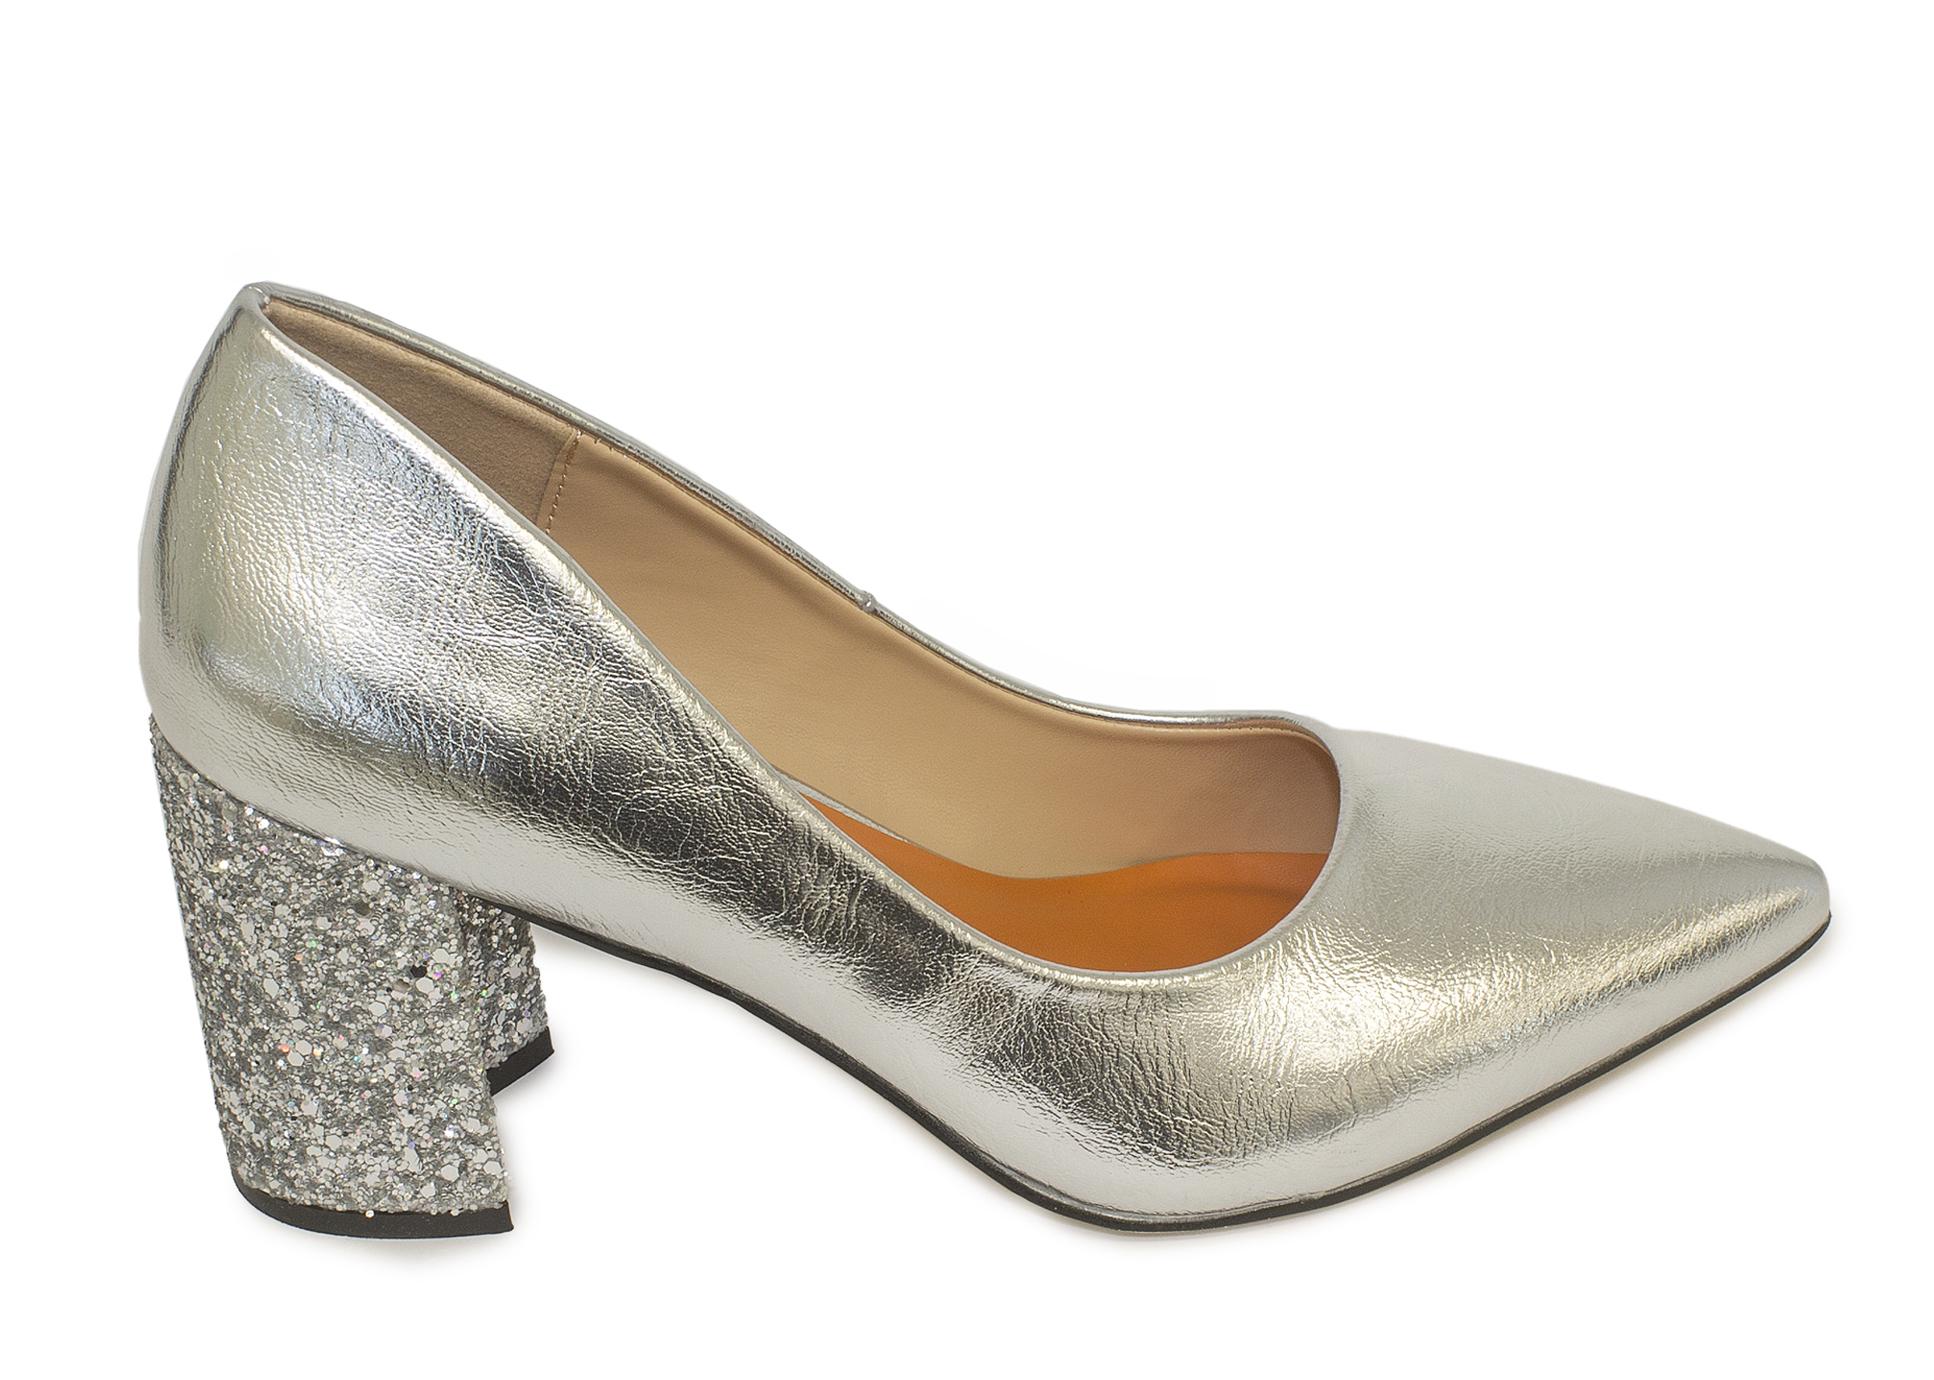 Zapatos de salon de mujer Fun&Basic de color plata con tacon glitter